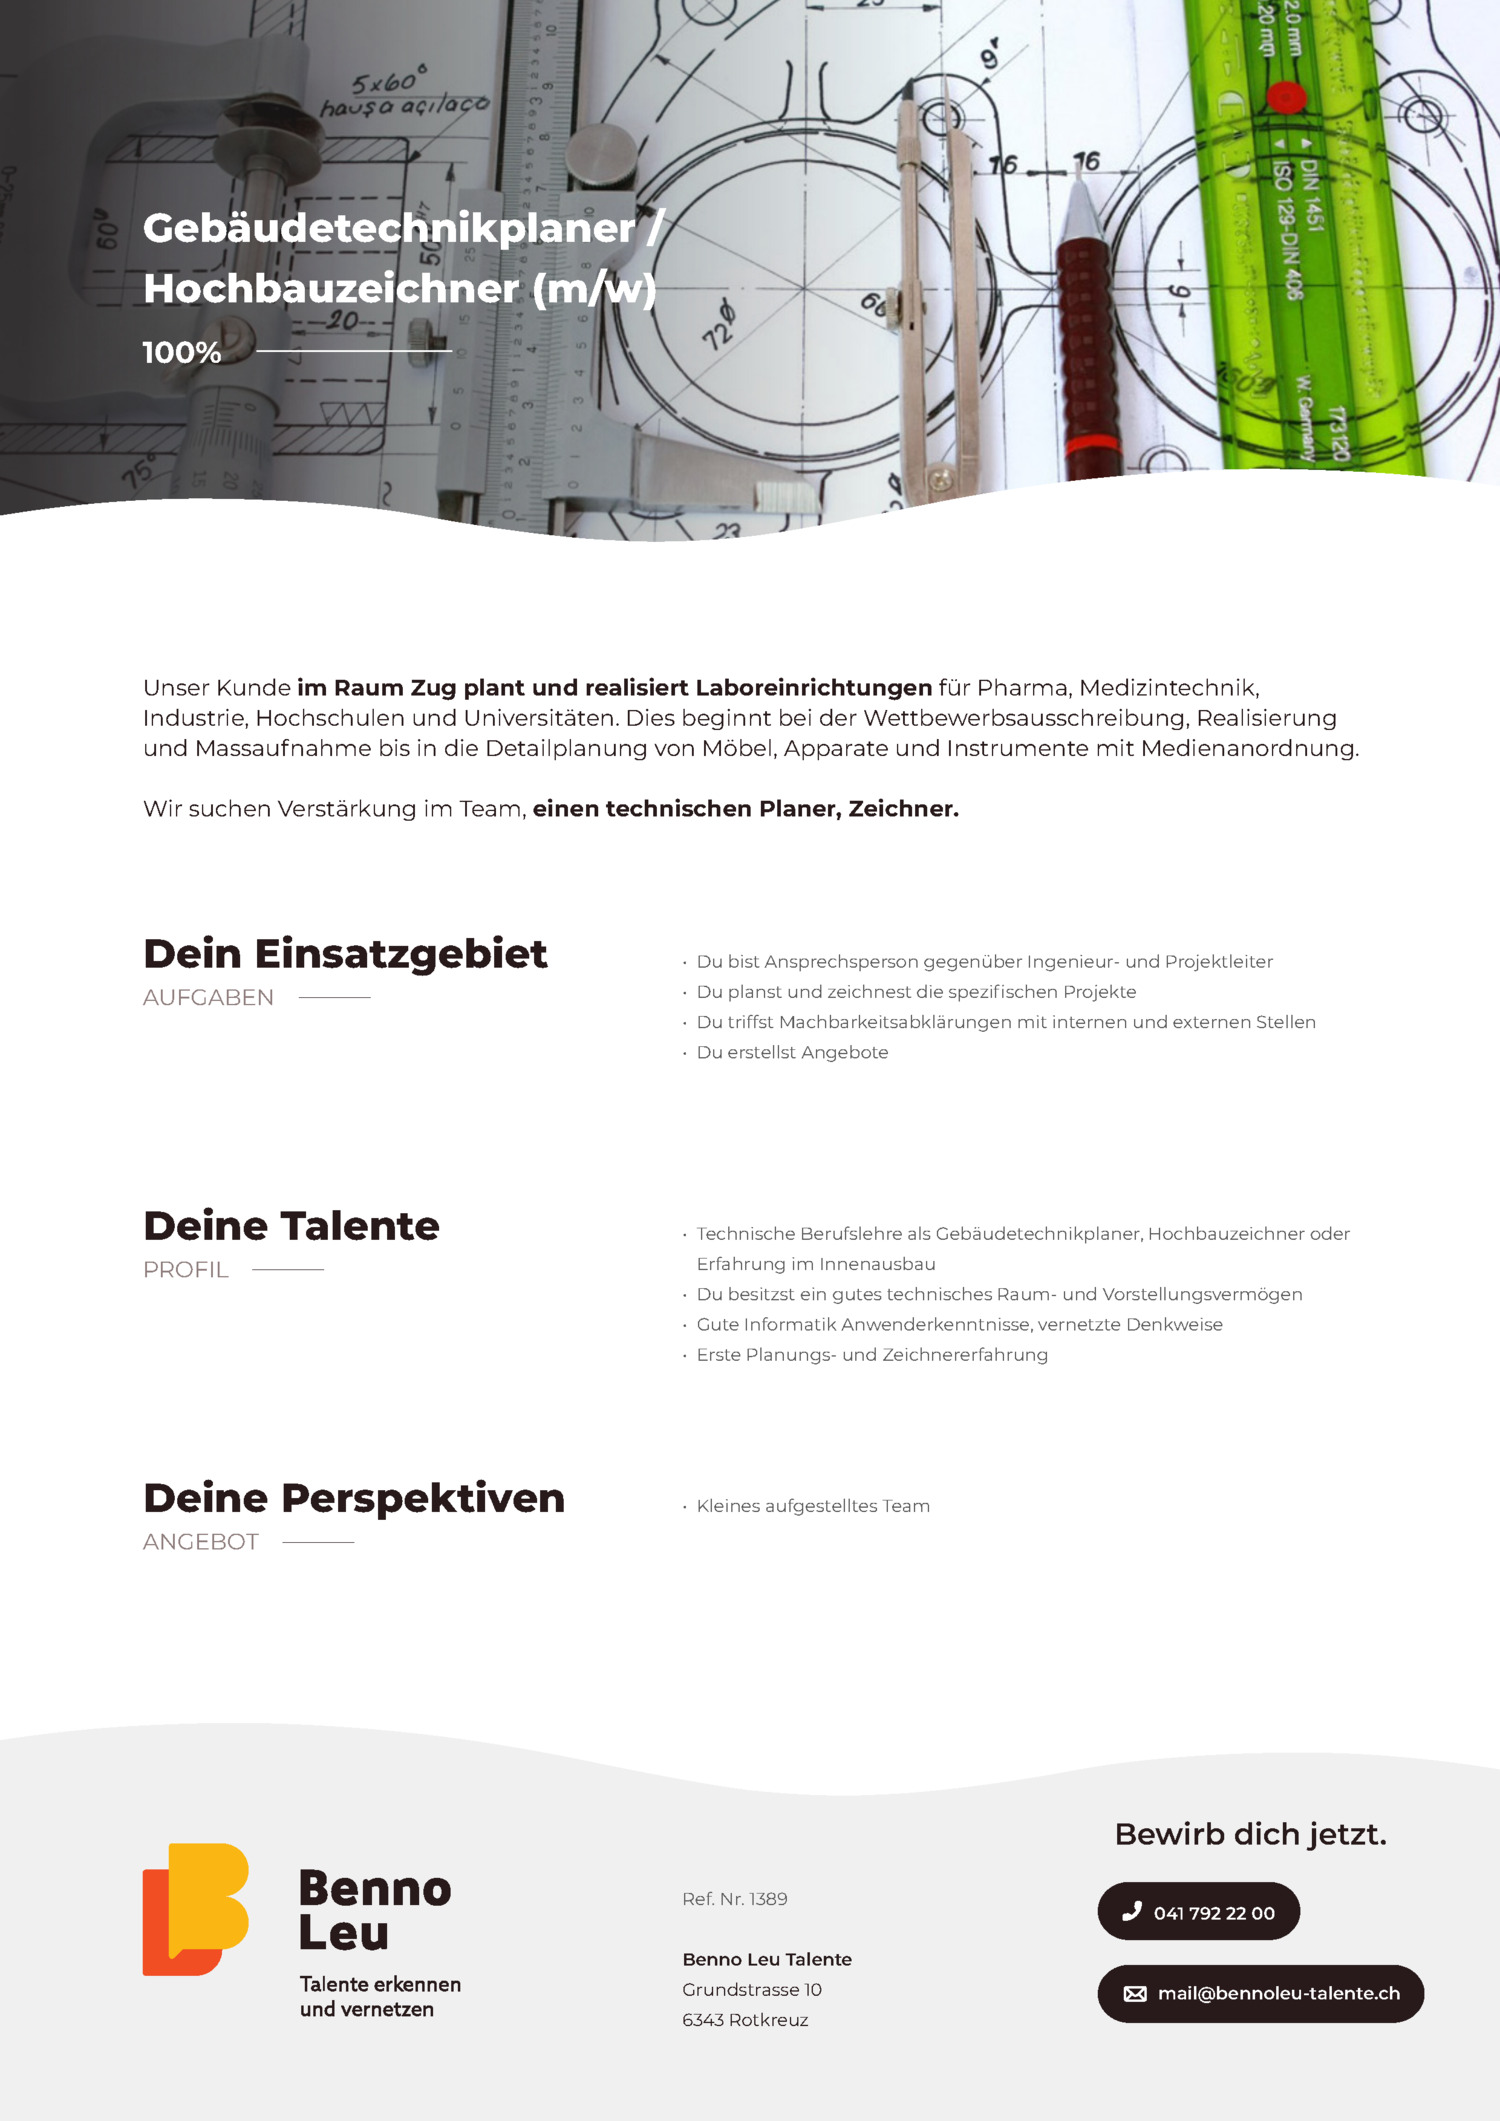 Inserat Gebäudetechnikplaner, Hochbauzeichner (m/w)